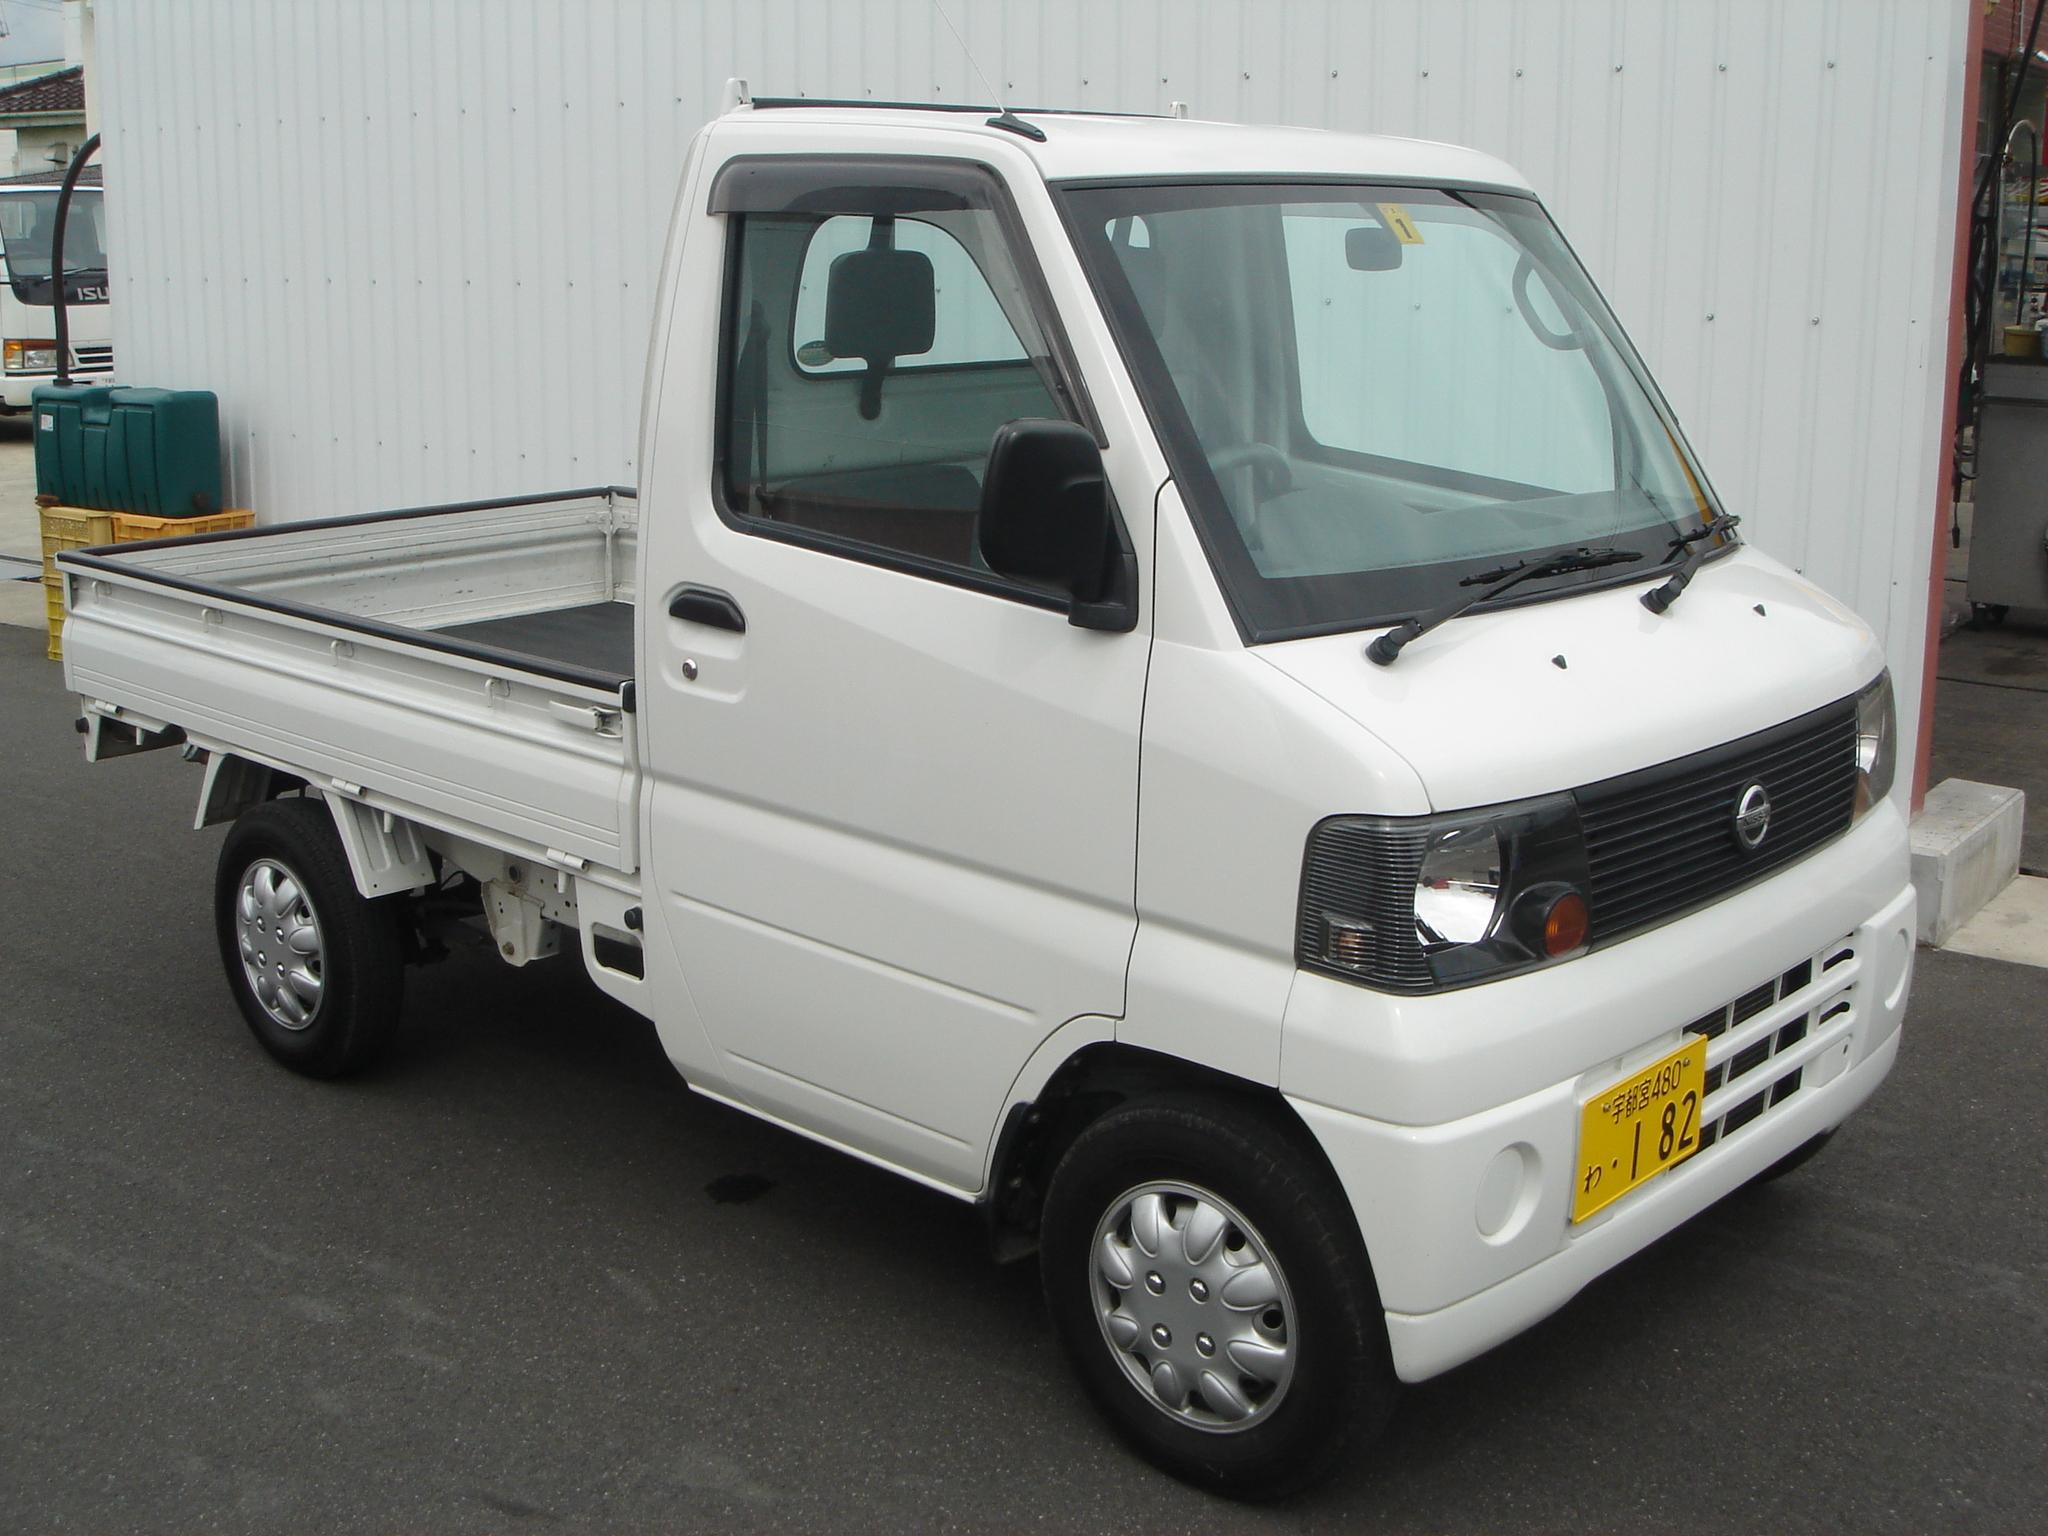 軽トラ 2人(荷台1.4m×1.9m)写真